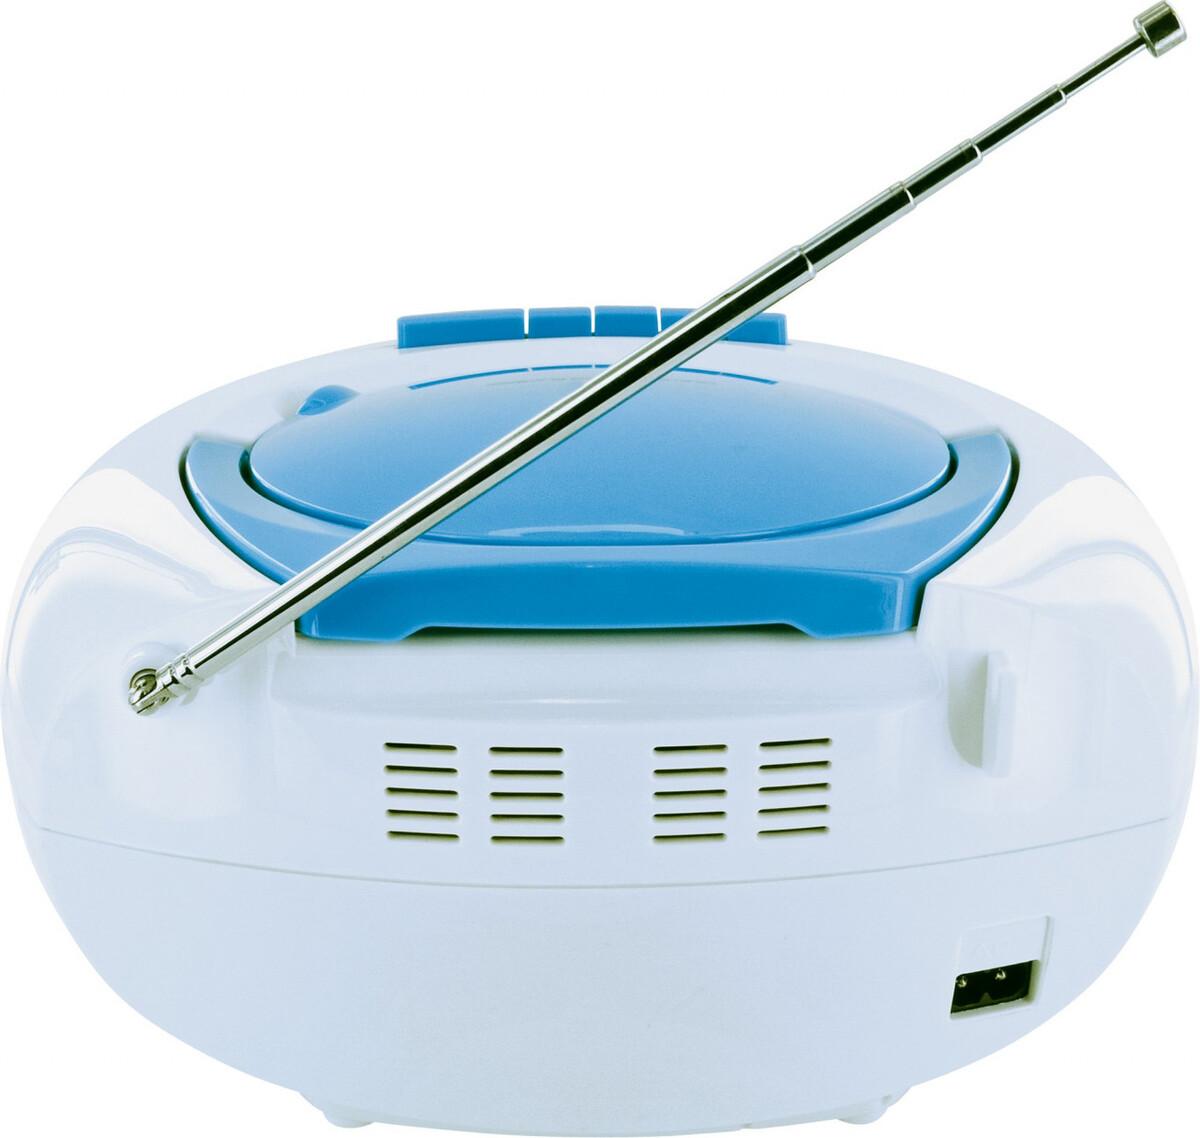 Bild 3 von Schwaiger Tragbarer CD-Player mit Kassettendeck und FM Radio, blau